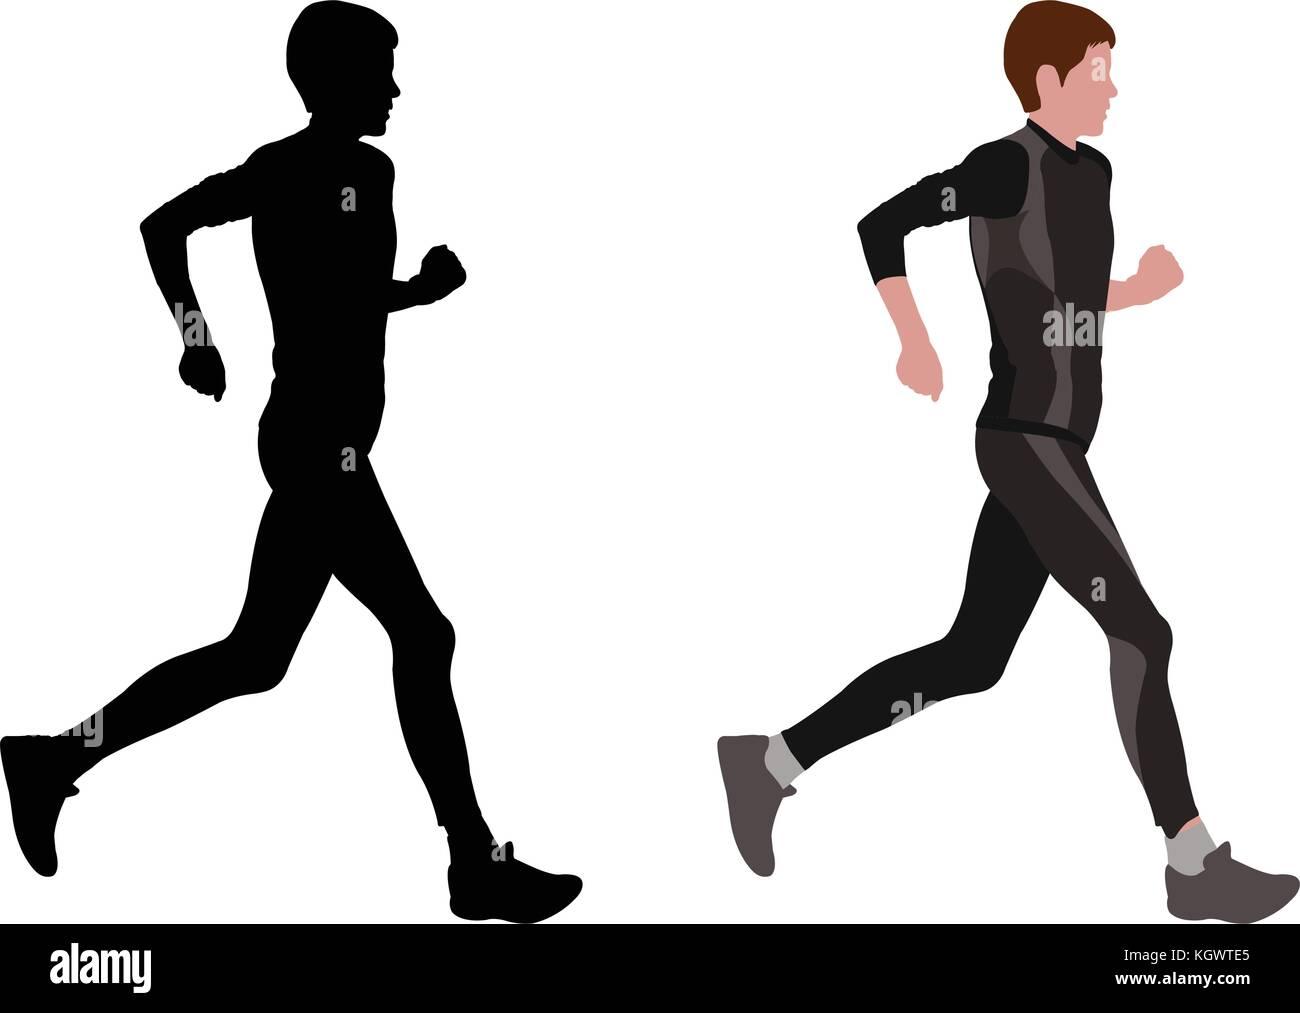 female marathon runner vector stock vector image art alamy https www alamy com stock image female marathon runner vector 165295821 html